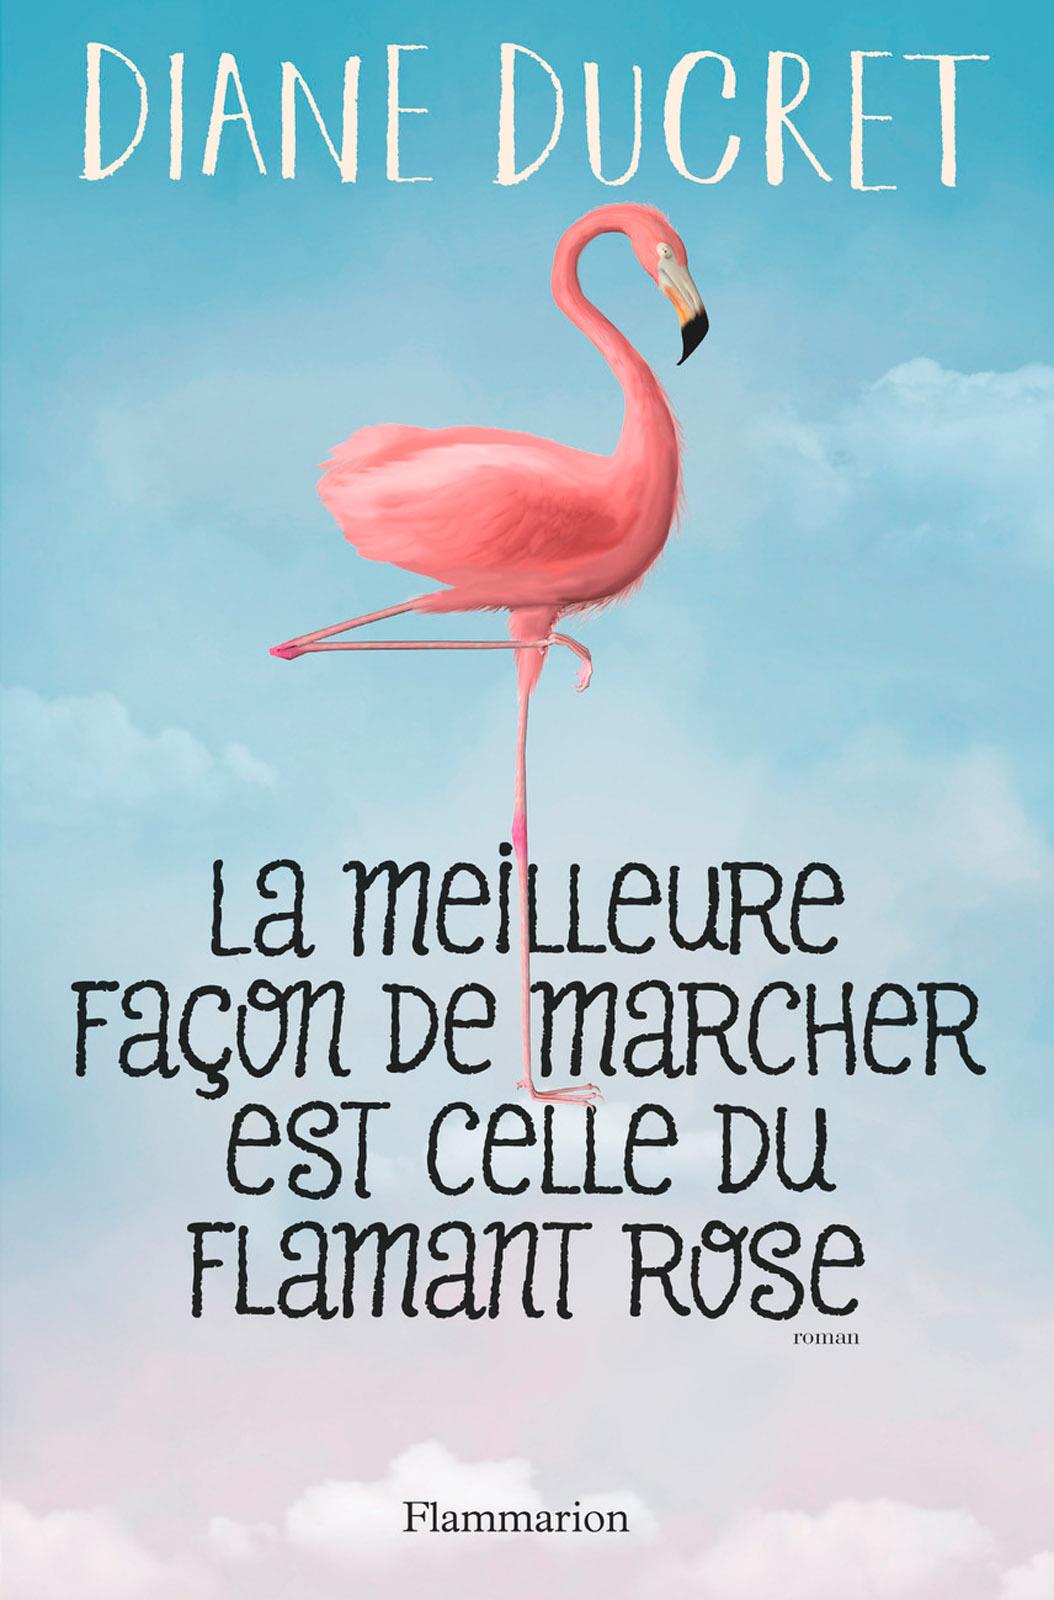 La meilleure façon de marcher est celle du flamant rose |